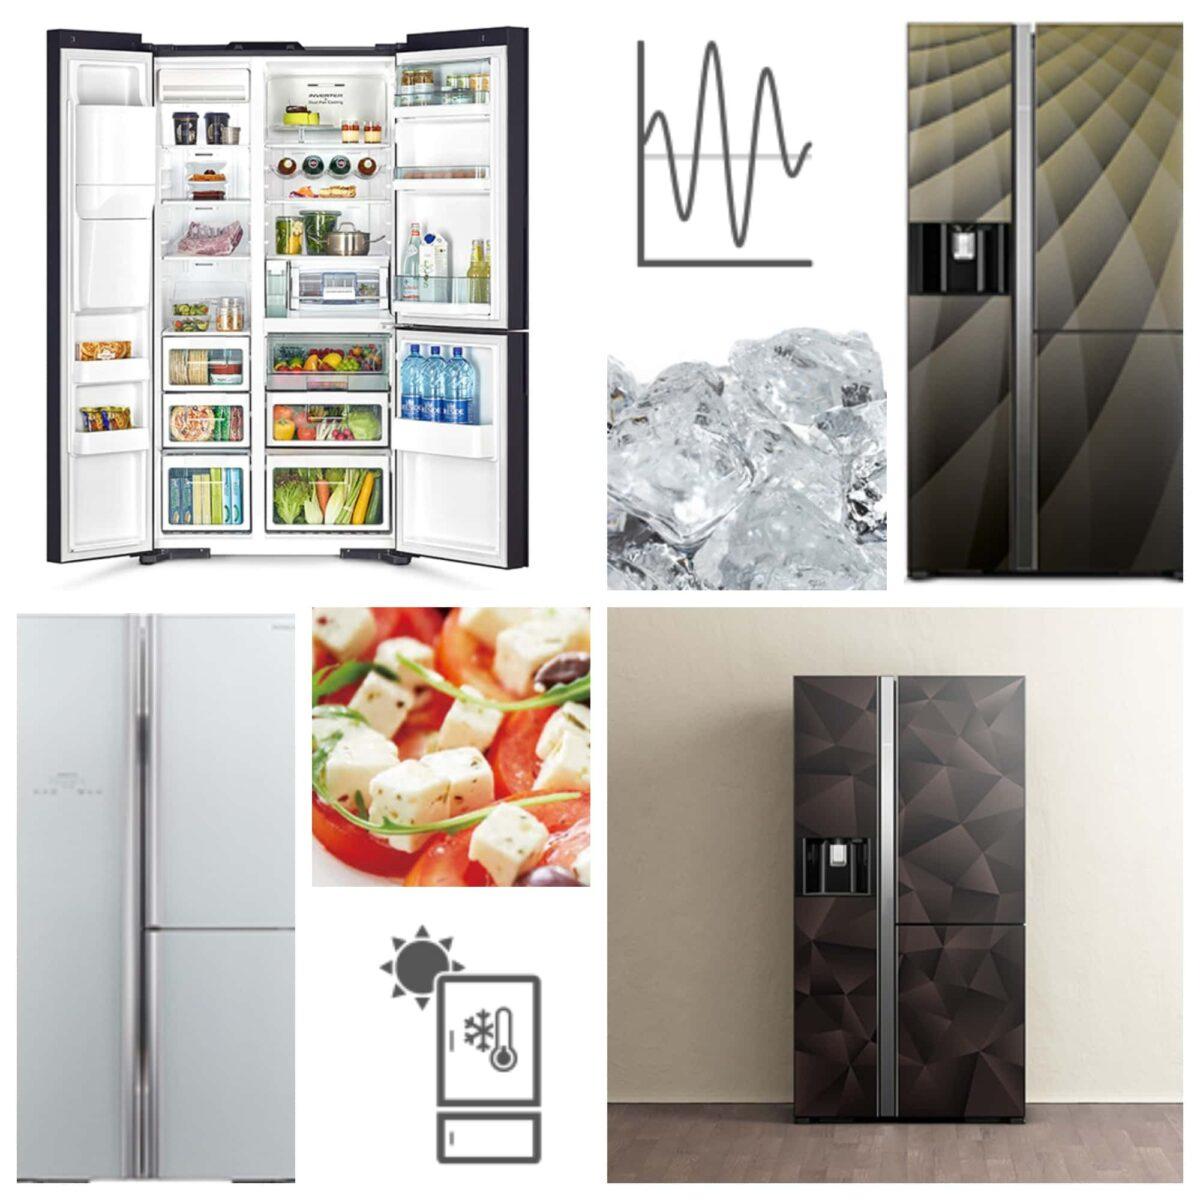 MyCollages_s700-1200x1200 Выбор холодильника по размерам